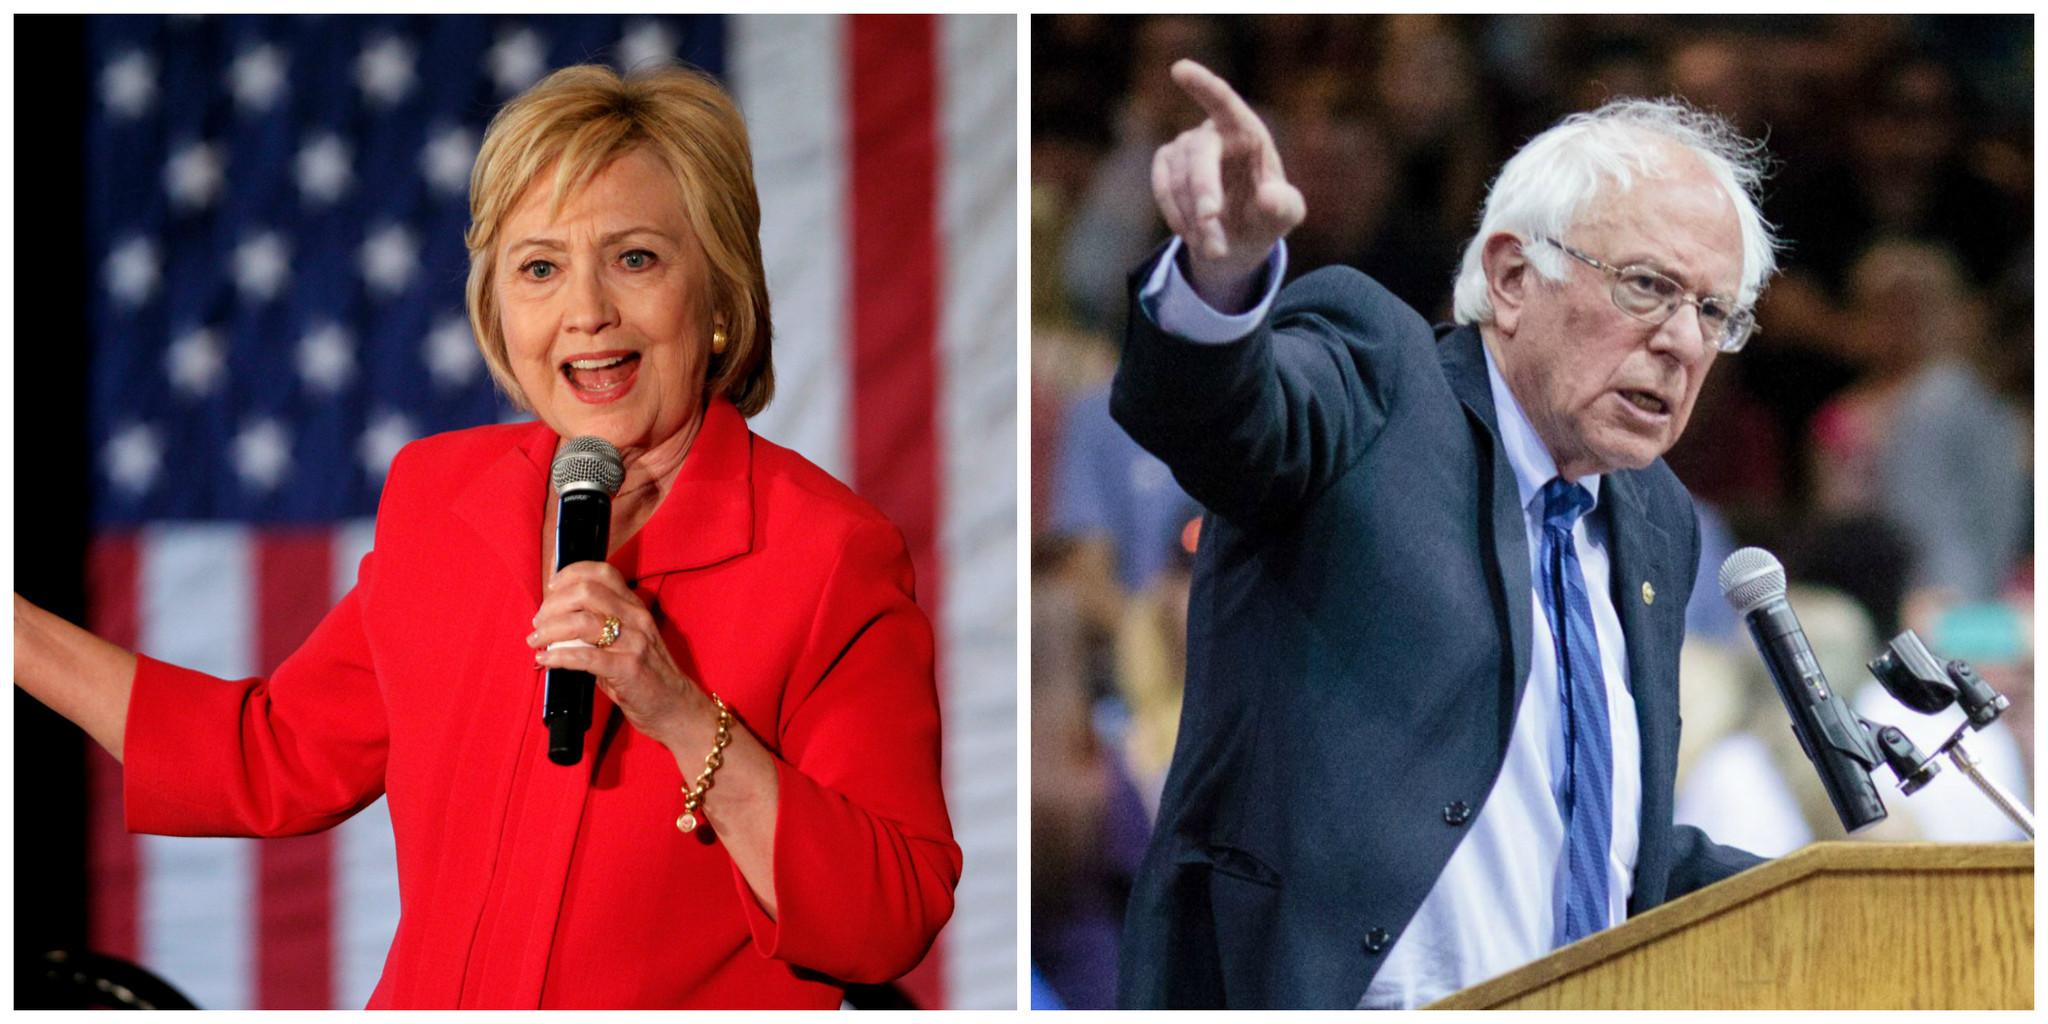 Sanders, Trump win Oregon; Clinton, Sanders in tight Kentucky race